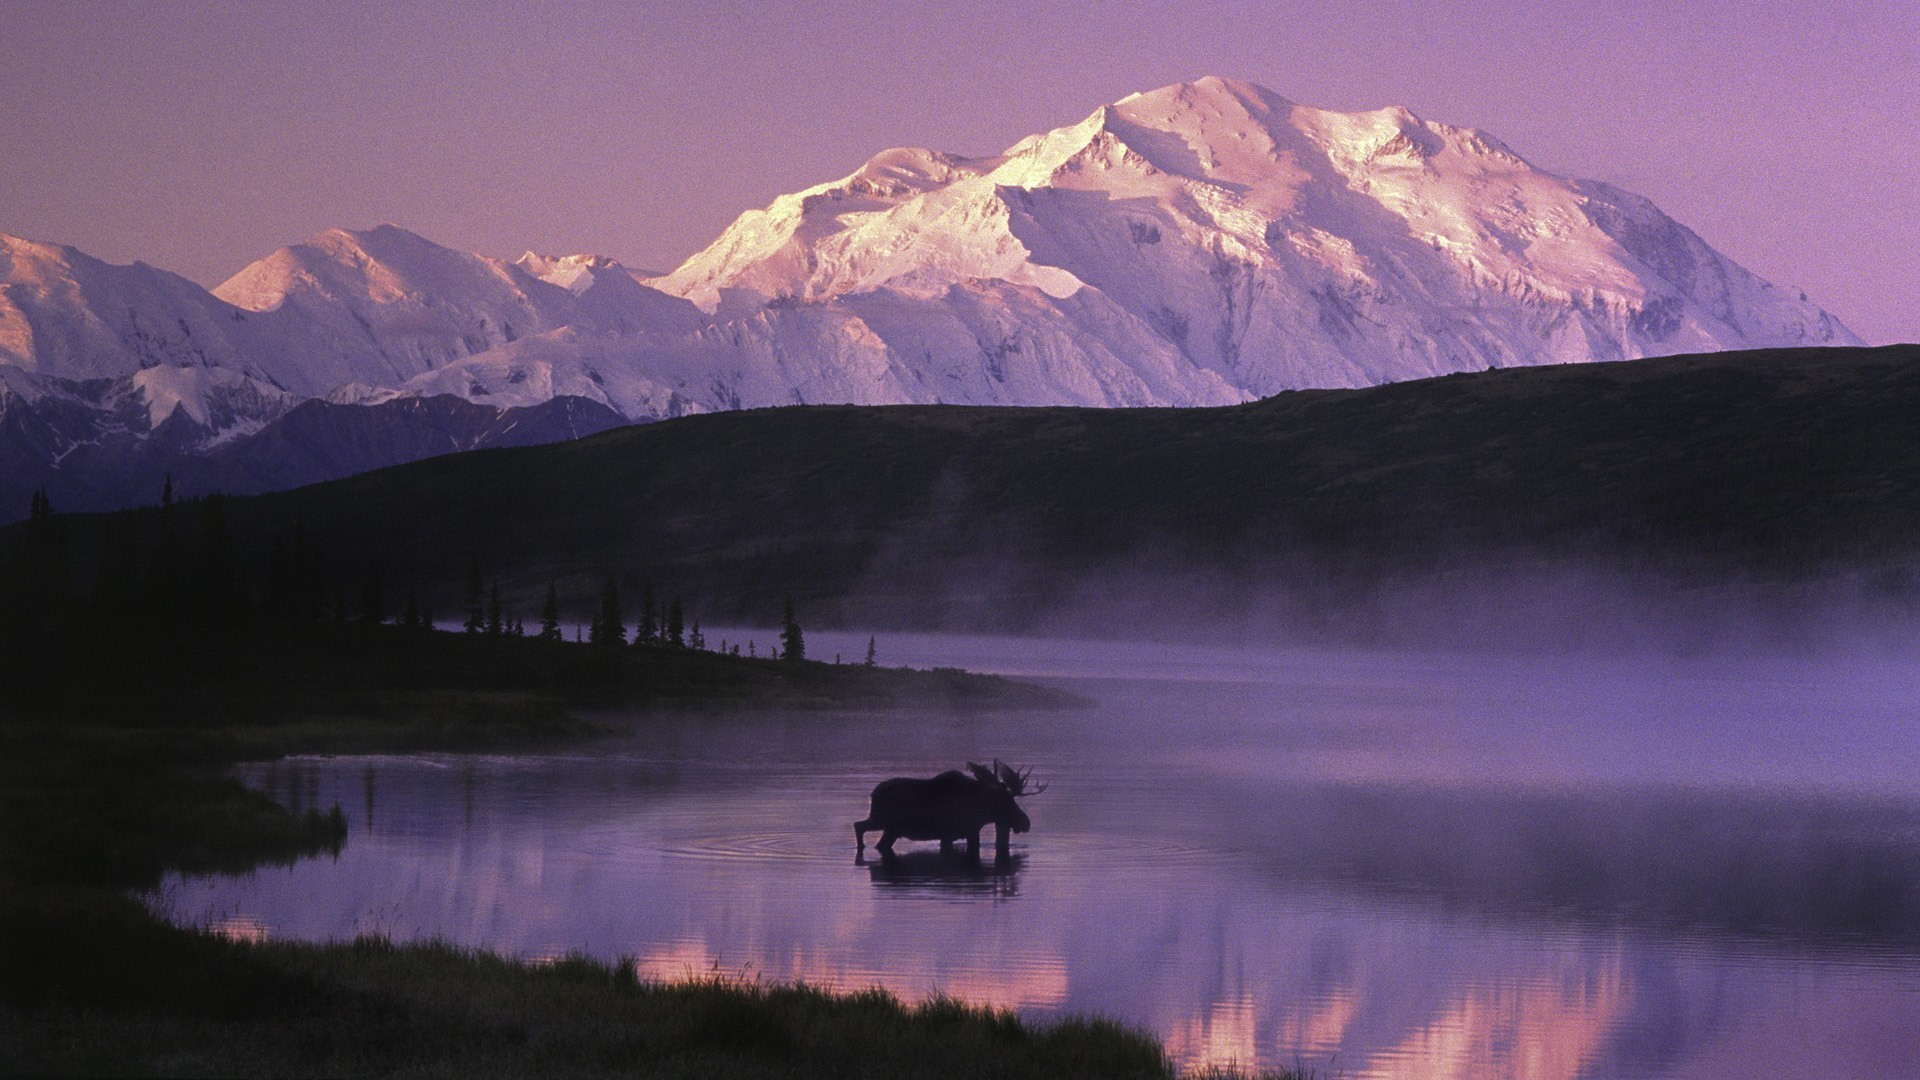 Hd 88908 Alaska Wallpaper Landcapes Hd Wallpapers Backgrounds